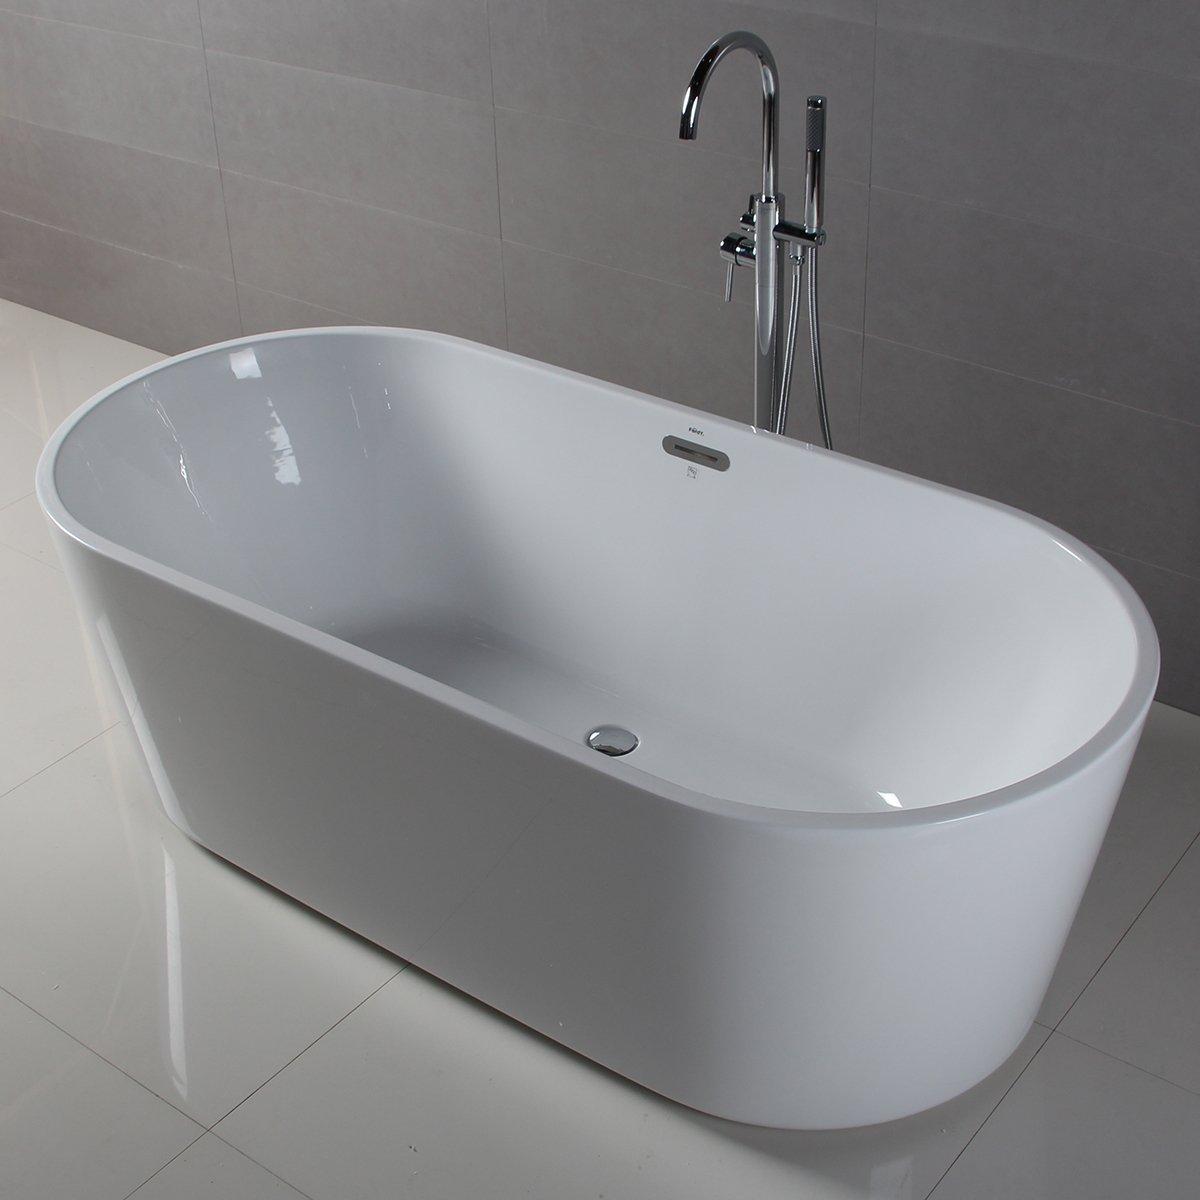 FerdY Freestanding Bathtub, Soaking Bath Tub, Stand Alone Tub for Bathroom, Contemporary Style, High Glossy, Acrylic, White (67'')